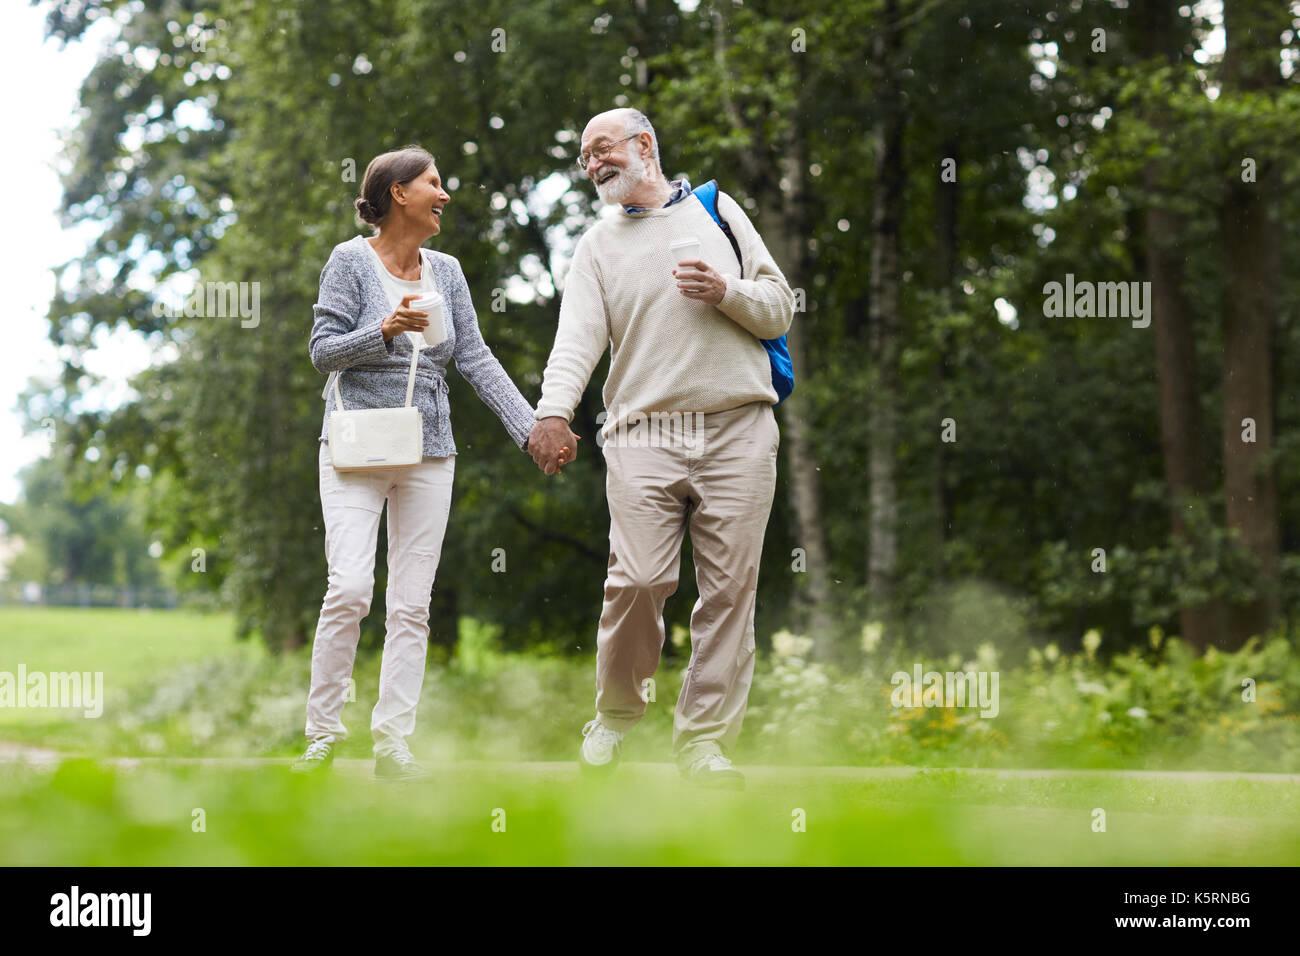 Los turistas que caminan Imagen De Stock